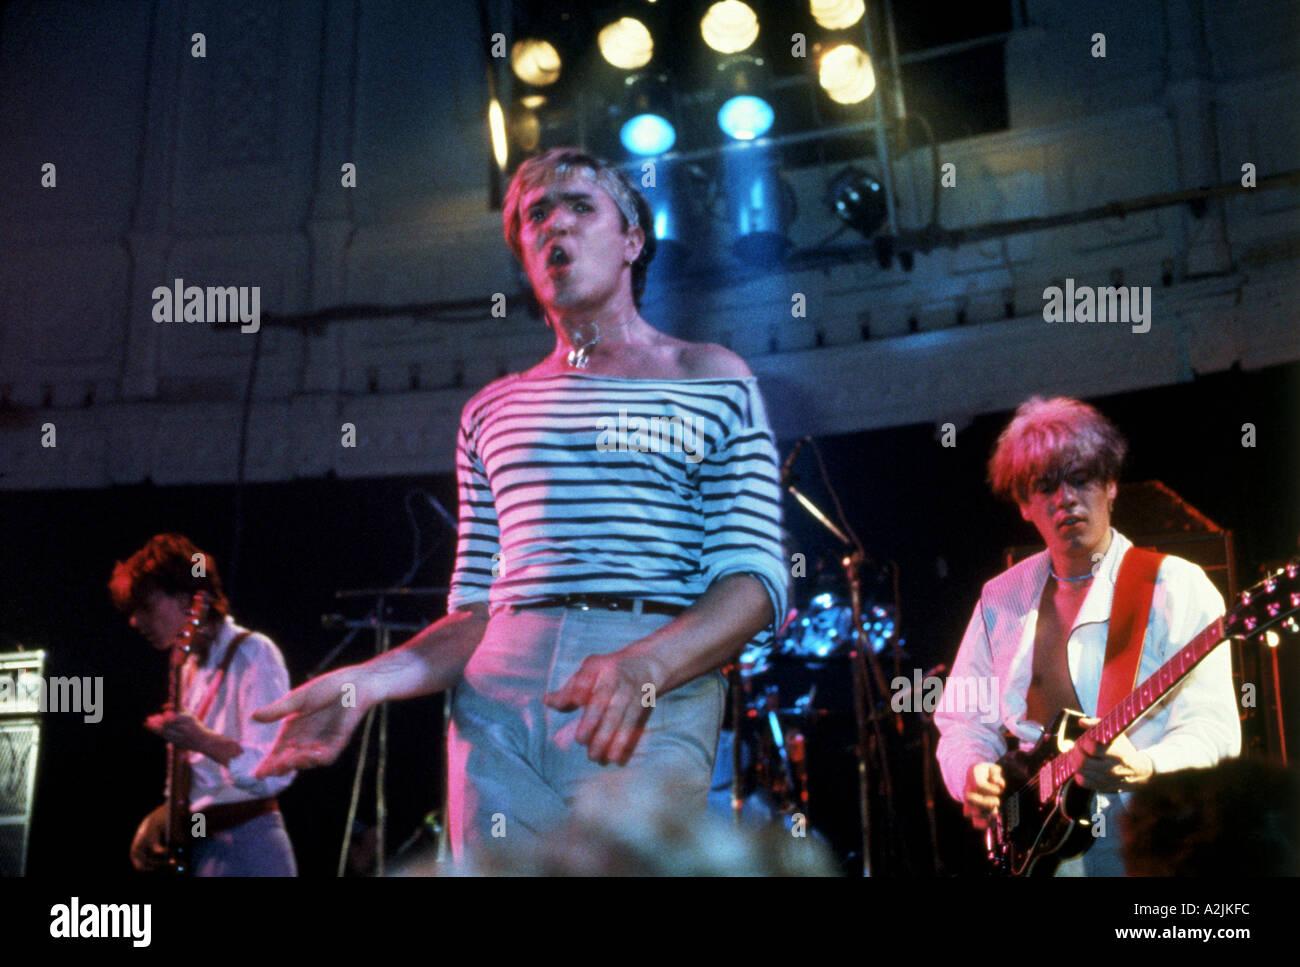 DURAN DURAN UK pop band del 80s con Simon Le Bon come cantante Immagini Stock